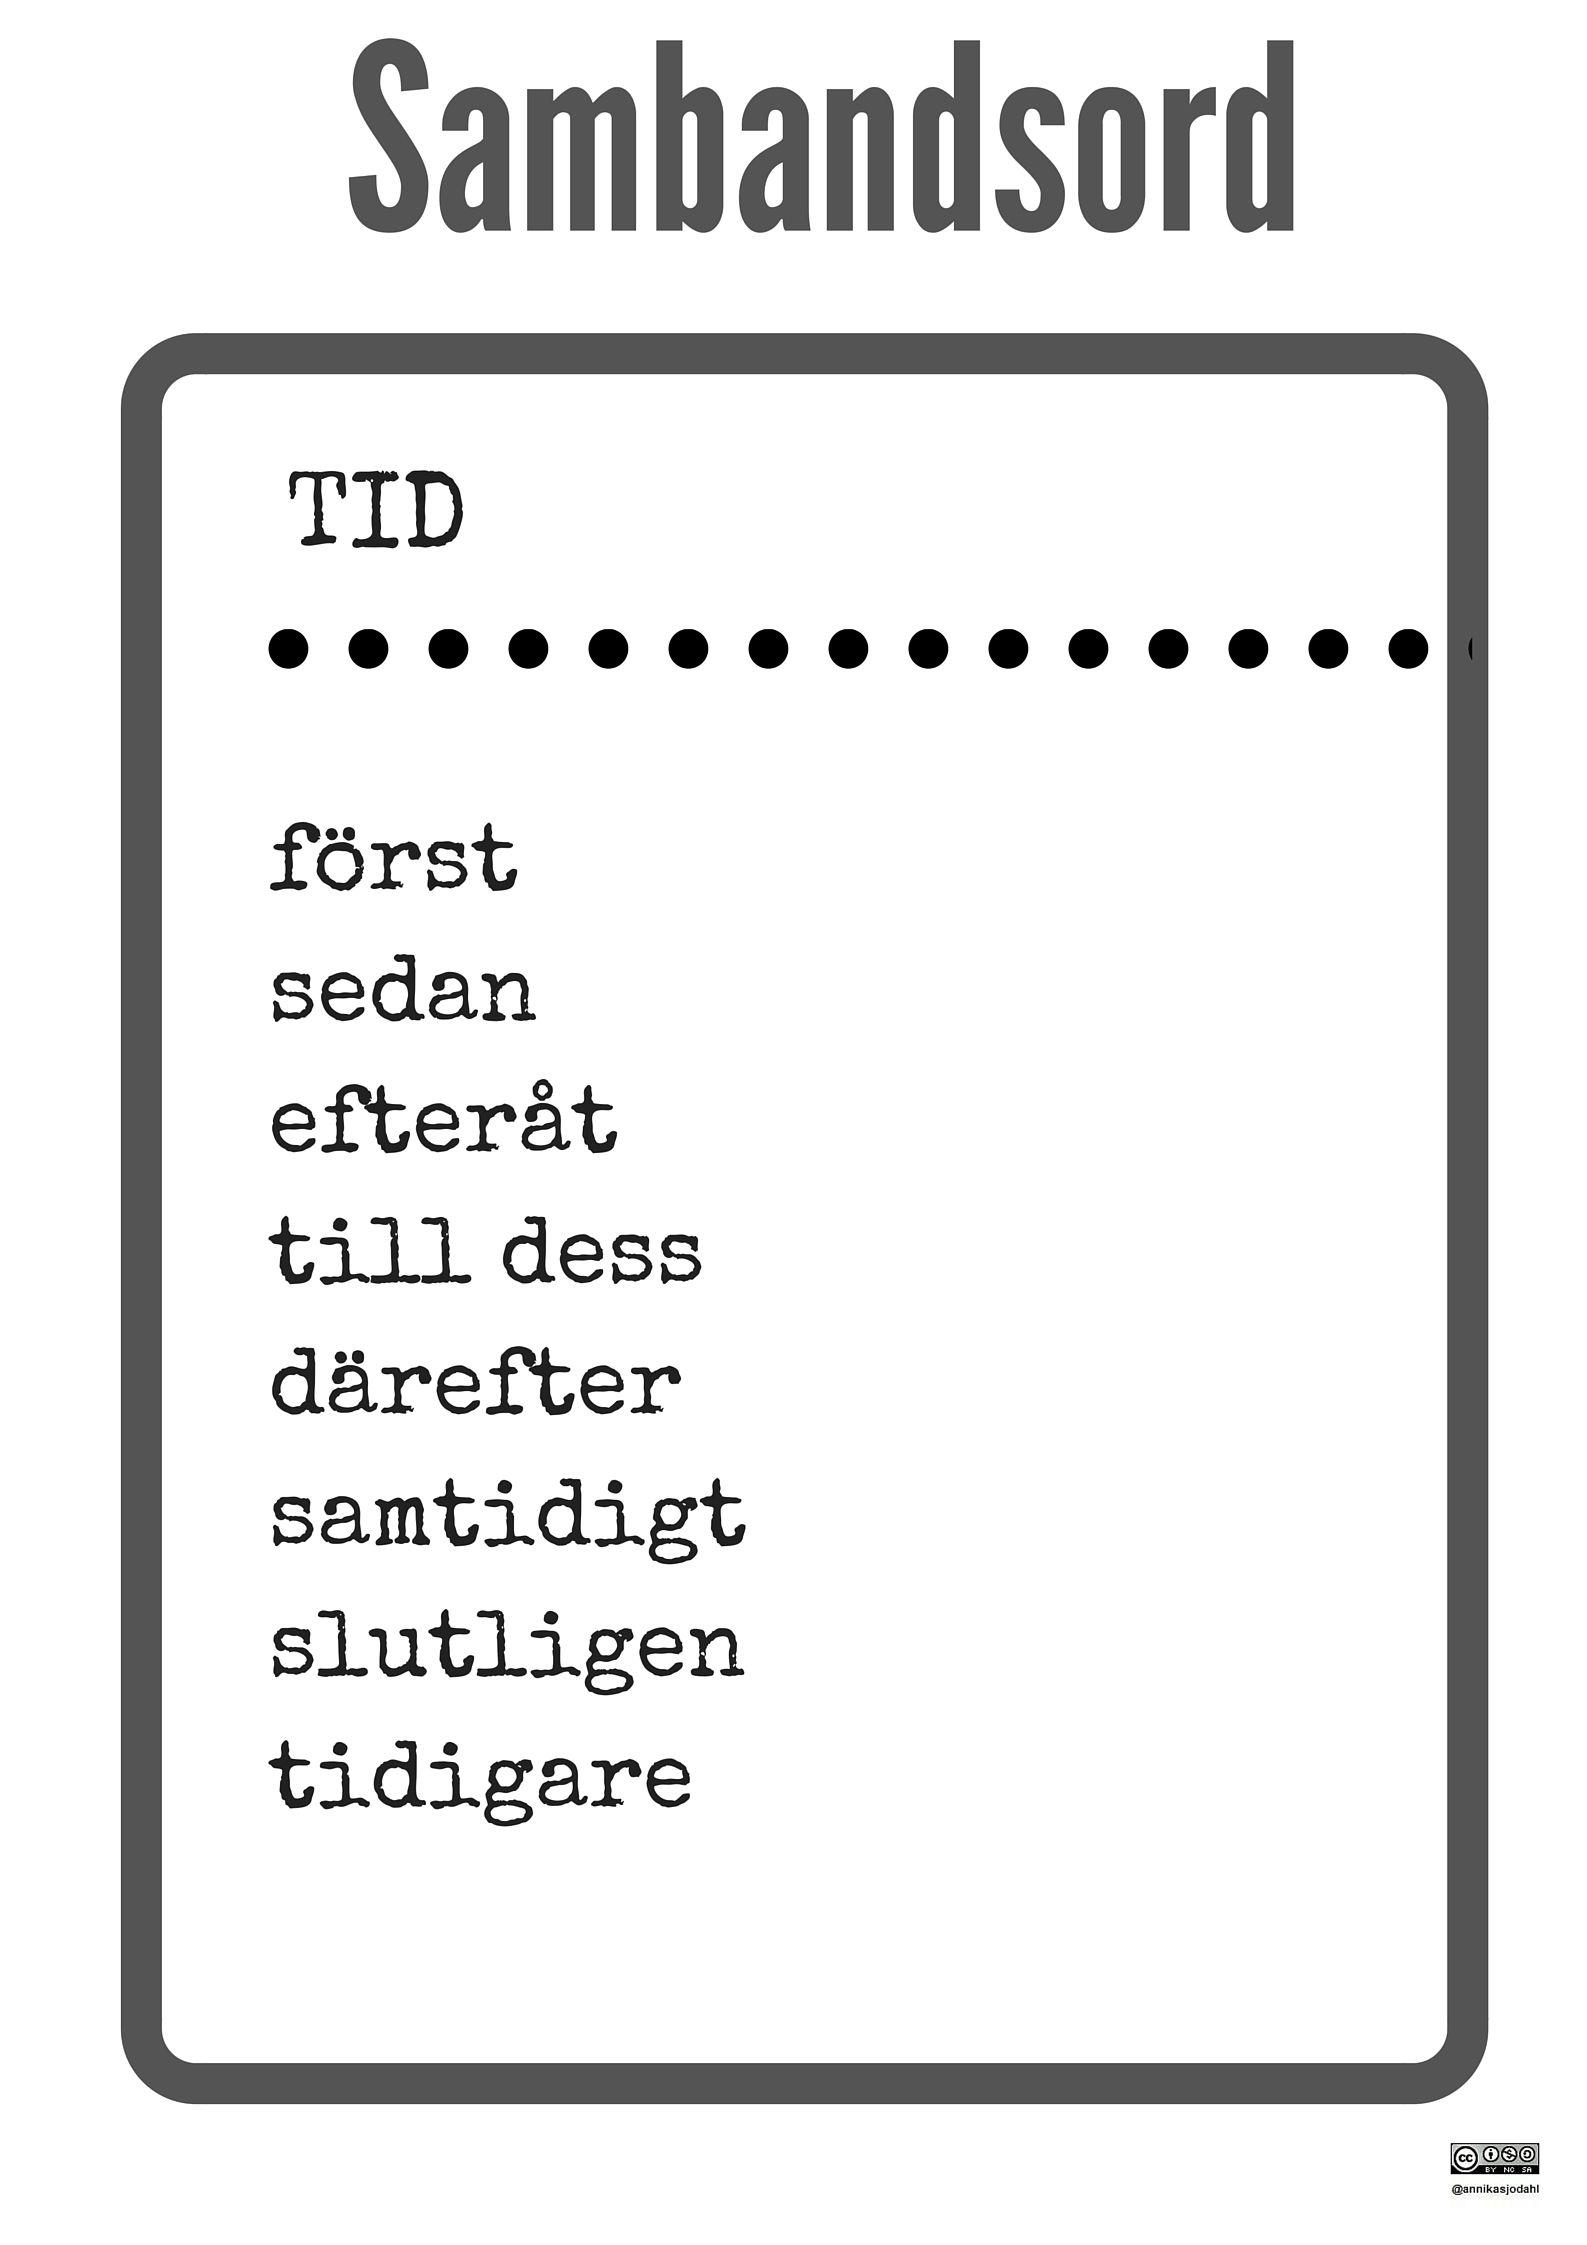 Konsten att skriva referat med ämnesrelaterat språk - Annika Sjödahl | Svenska | Språk ...